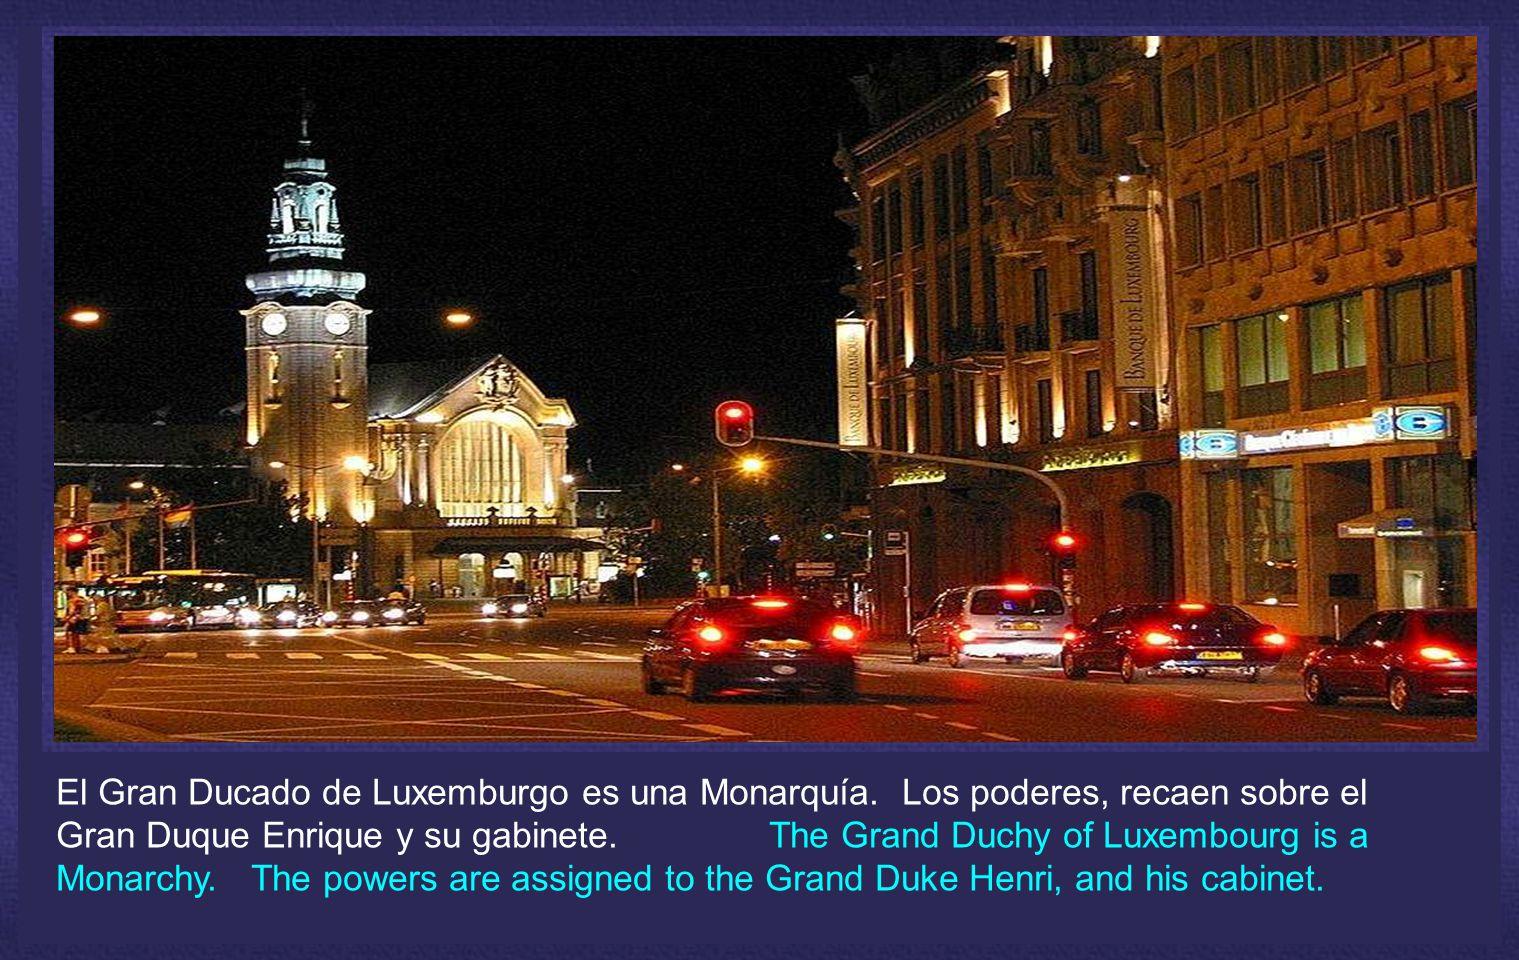 El Gran Ducado de Luxemburgo es una Monarquía